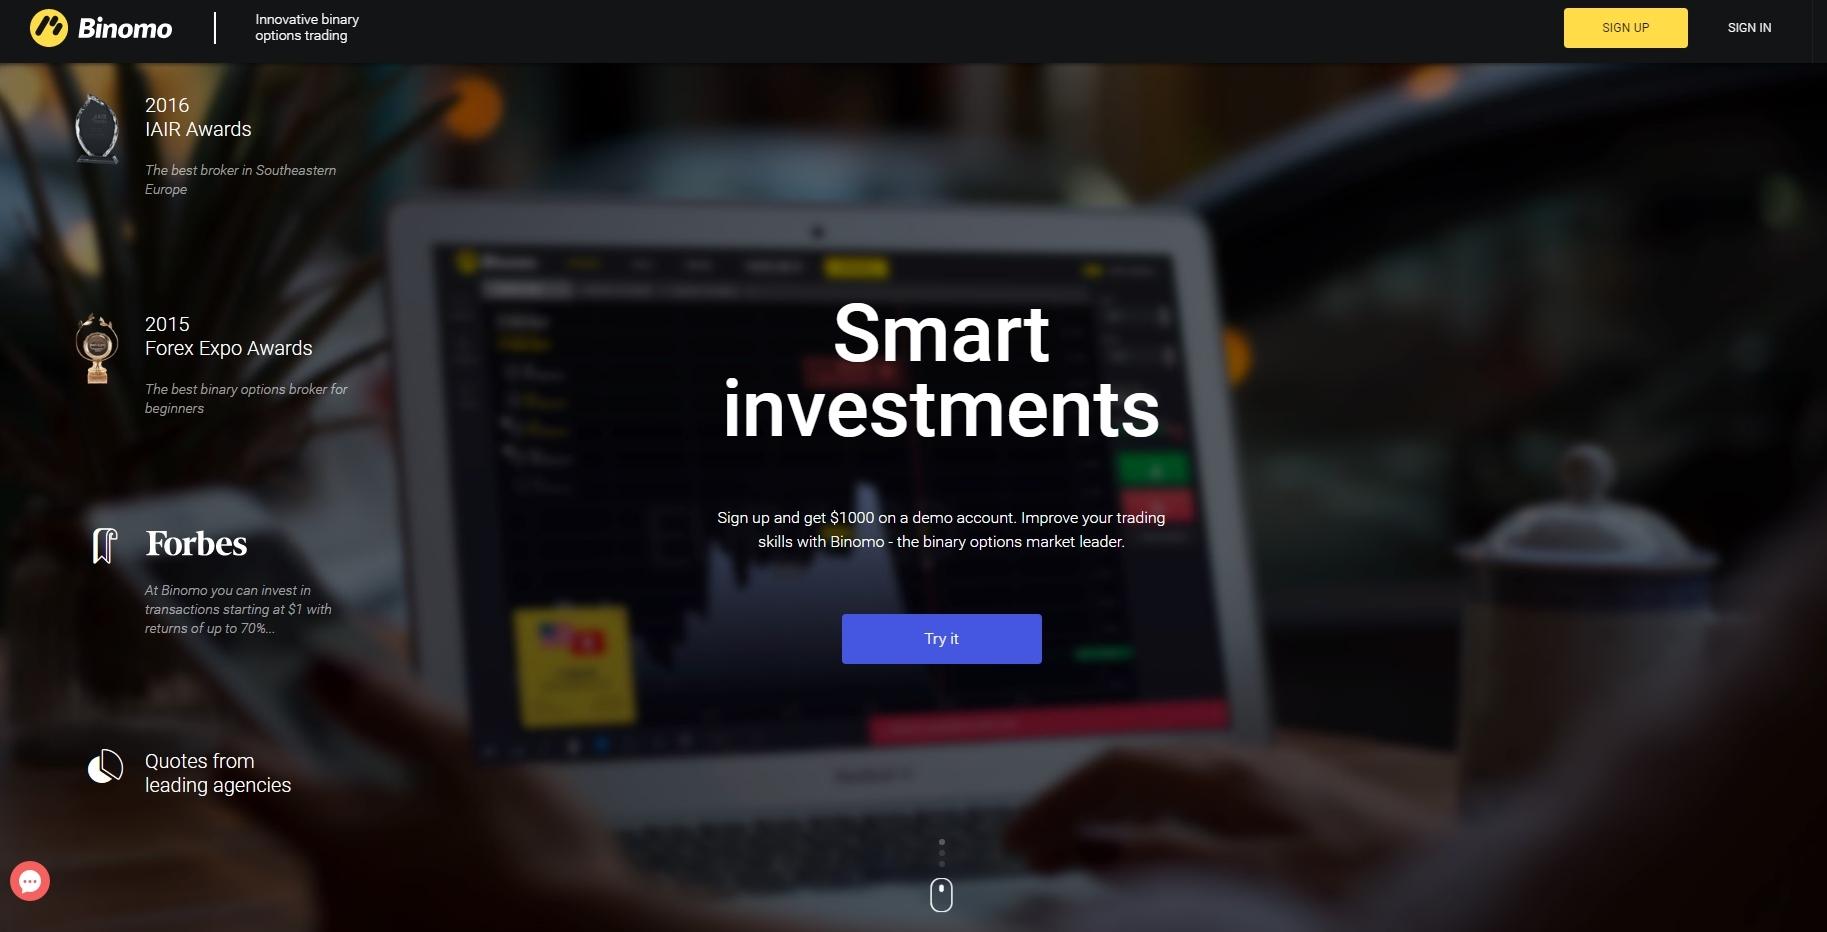 tranzacționarea opțiunilor binomo retragerea instantanee a banilor pe Internet fără investiții